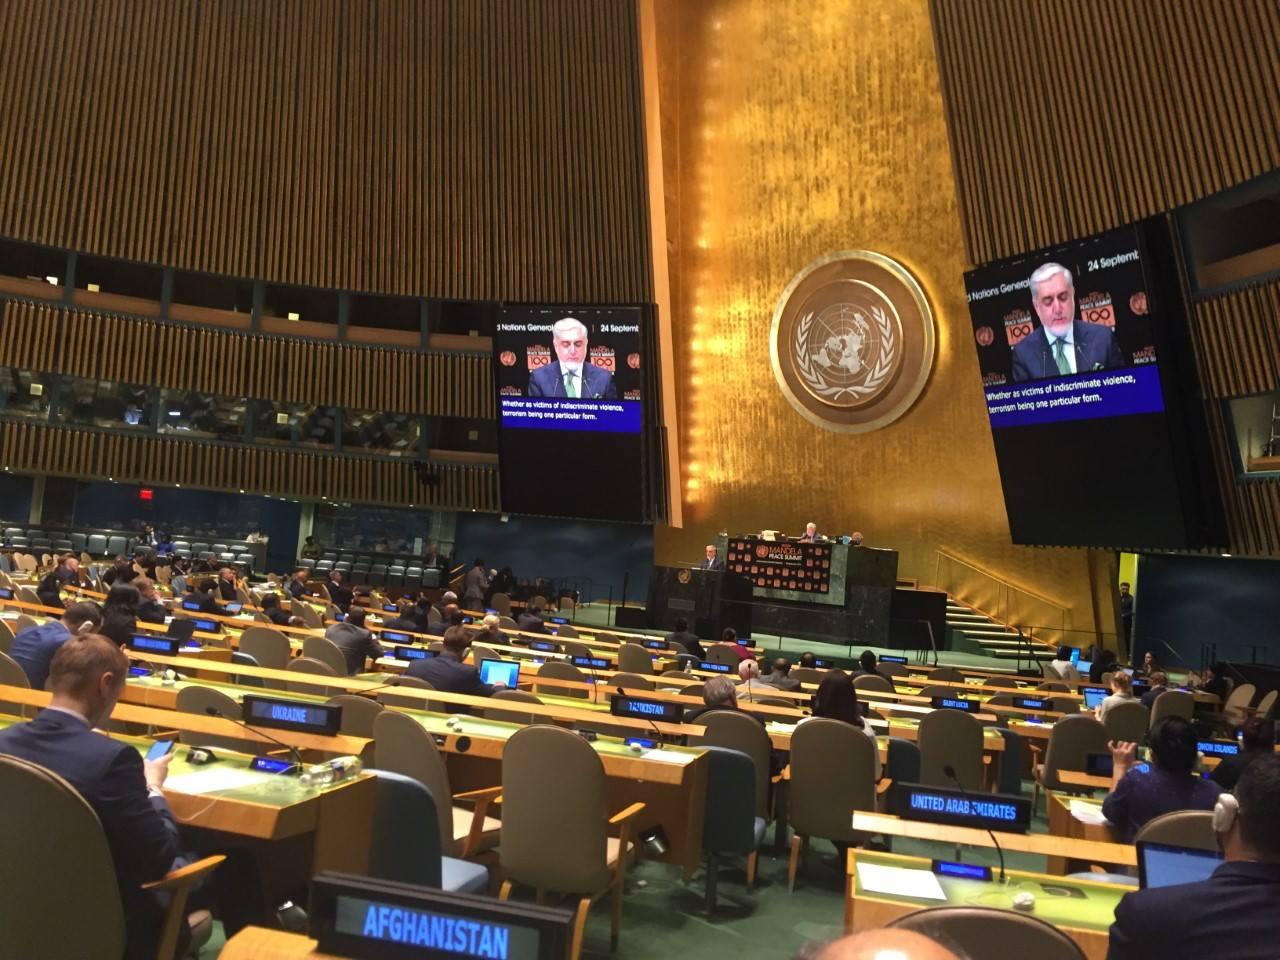 عبدالله عبدالله 6 - رییس اجراییه کشورمان امروز در مجمع عمومی سازمان ملل سخنرانی میکند